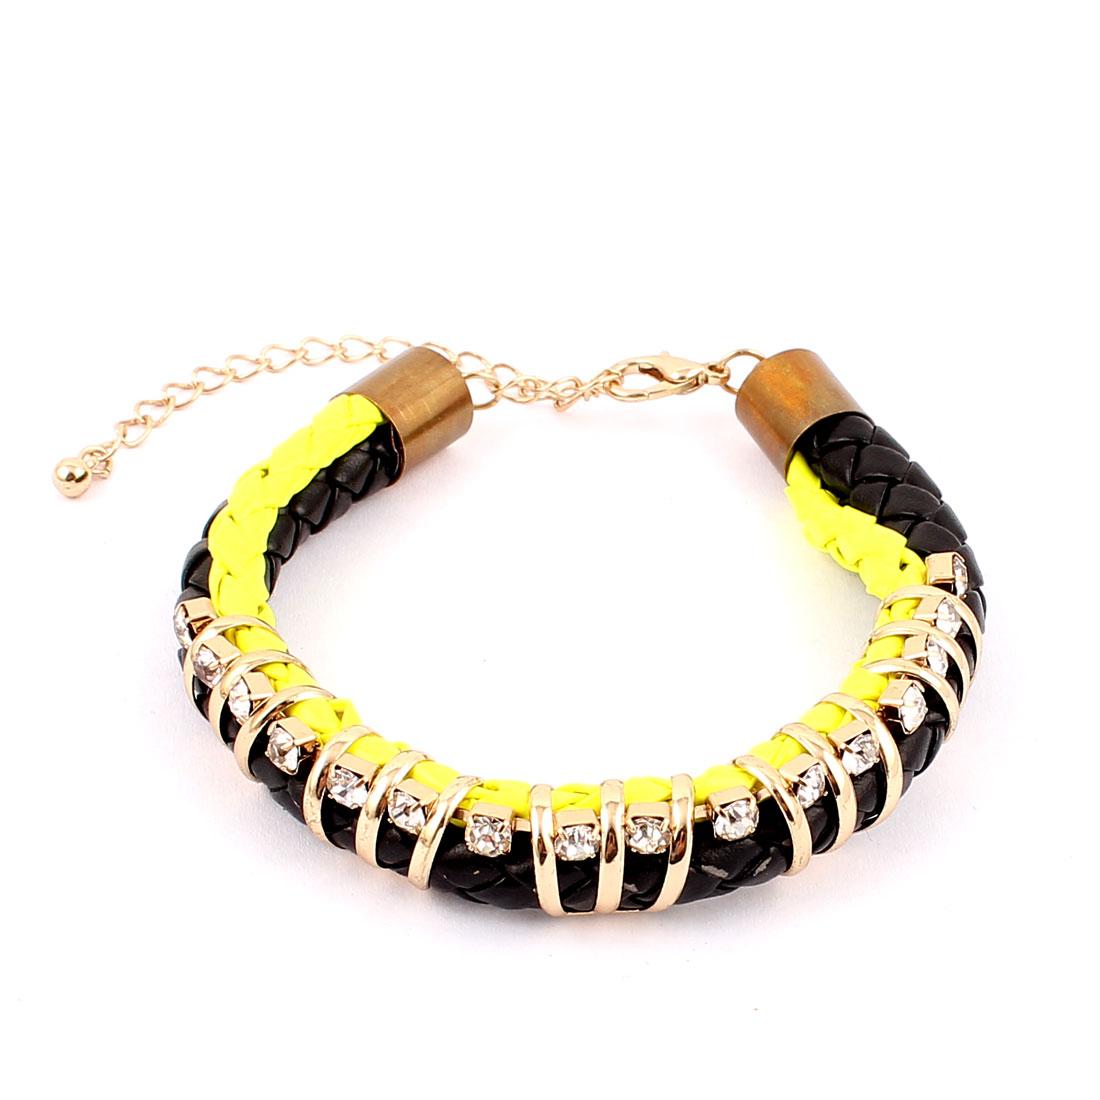 Unisex Tricolor Metal Faux Leather Artificial Crystal Wrist Decoration Bracelet Bangle for Lady Women Men